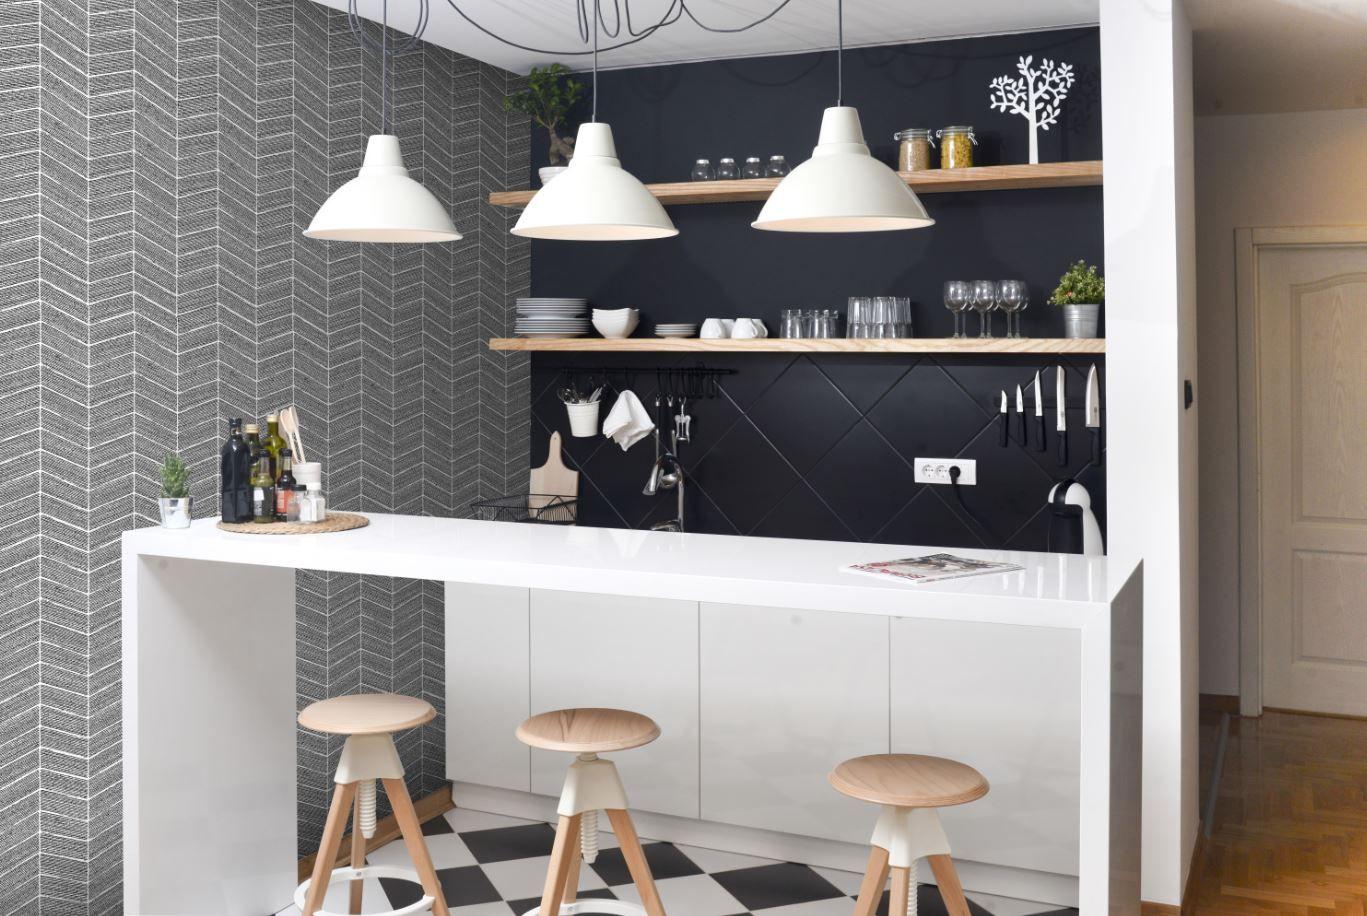 Como dise ar una cocina en un espacio peque o casa dise o for Como disenar una cocina en un espacio pequeno